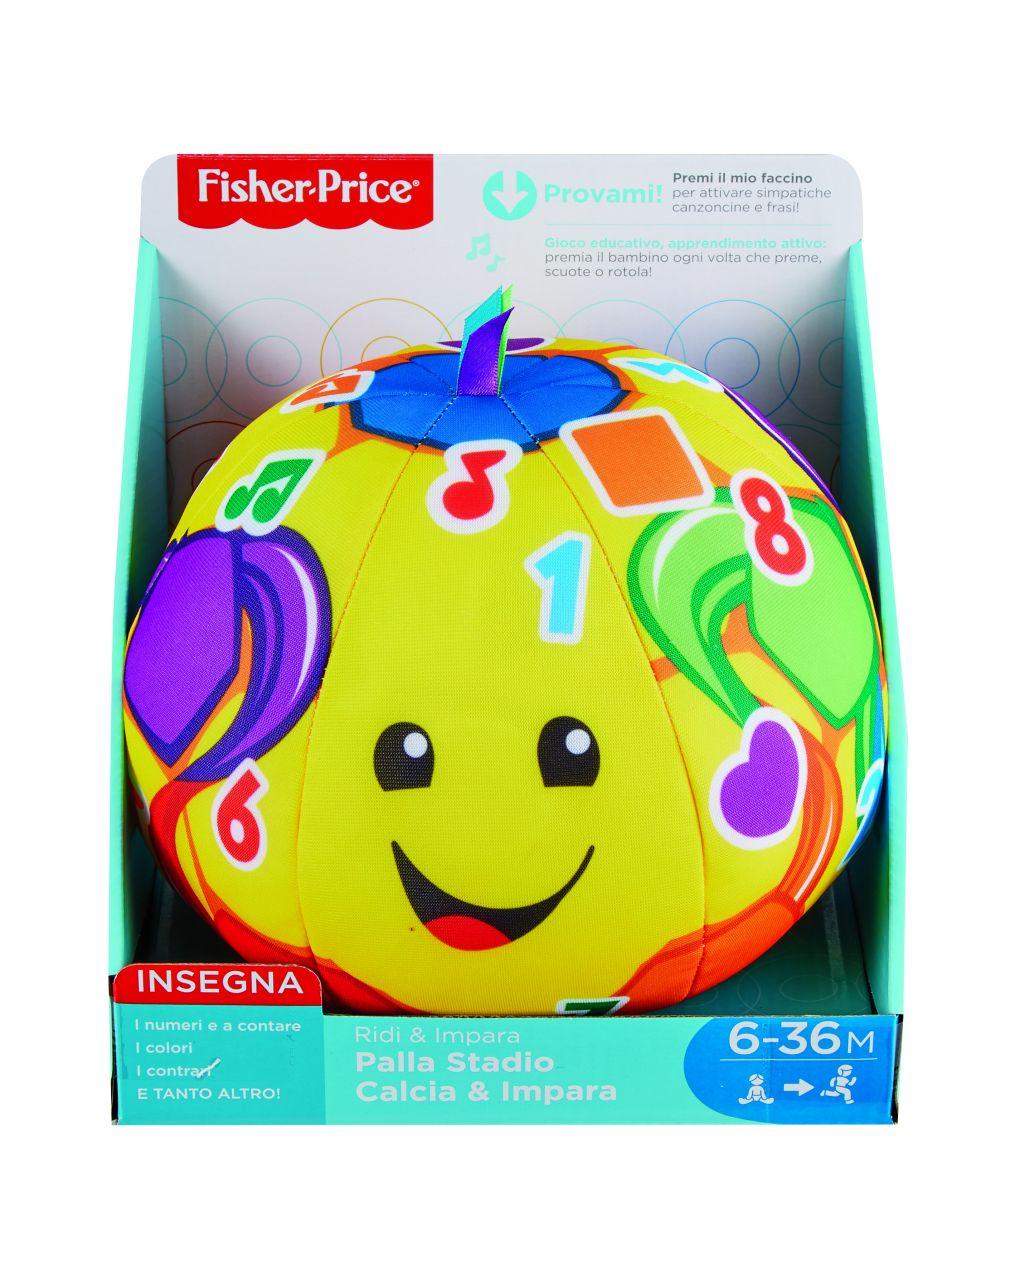 Fisher price - palla stadio calcia e impara - Fisher-Price